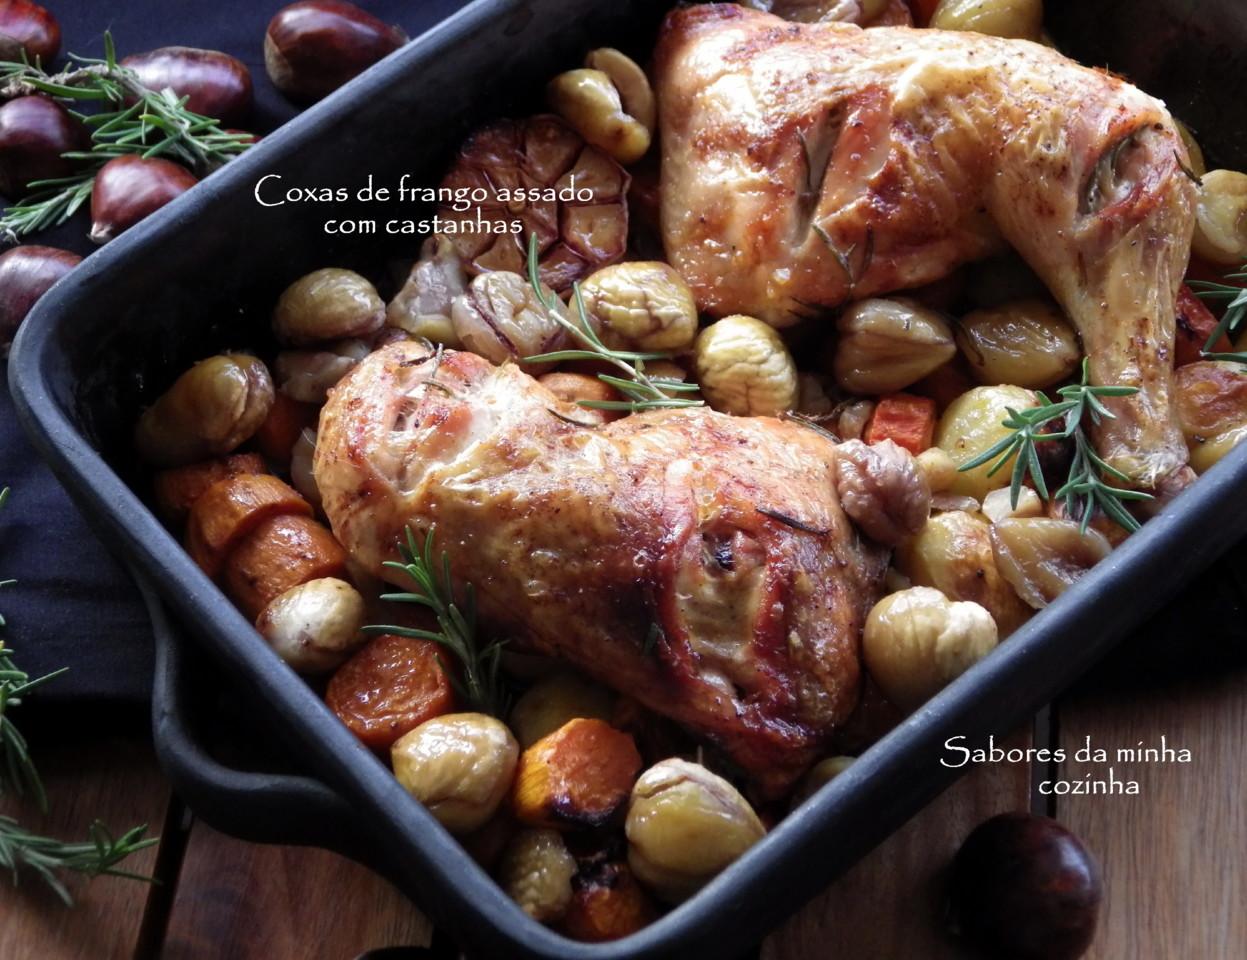 IMGP8268-Coxas de frango assado com castanhas-Blog